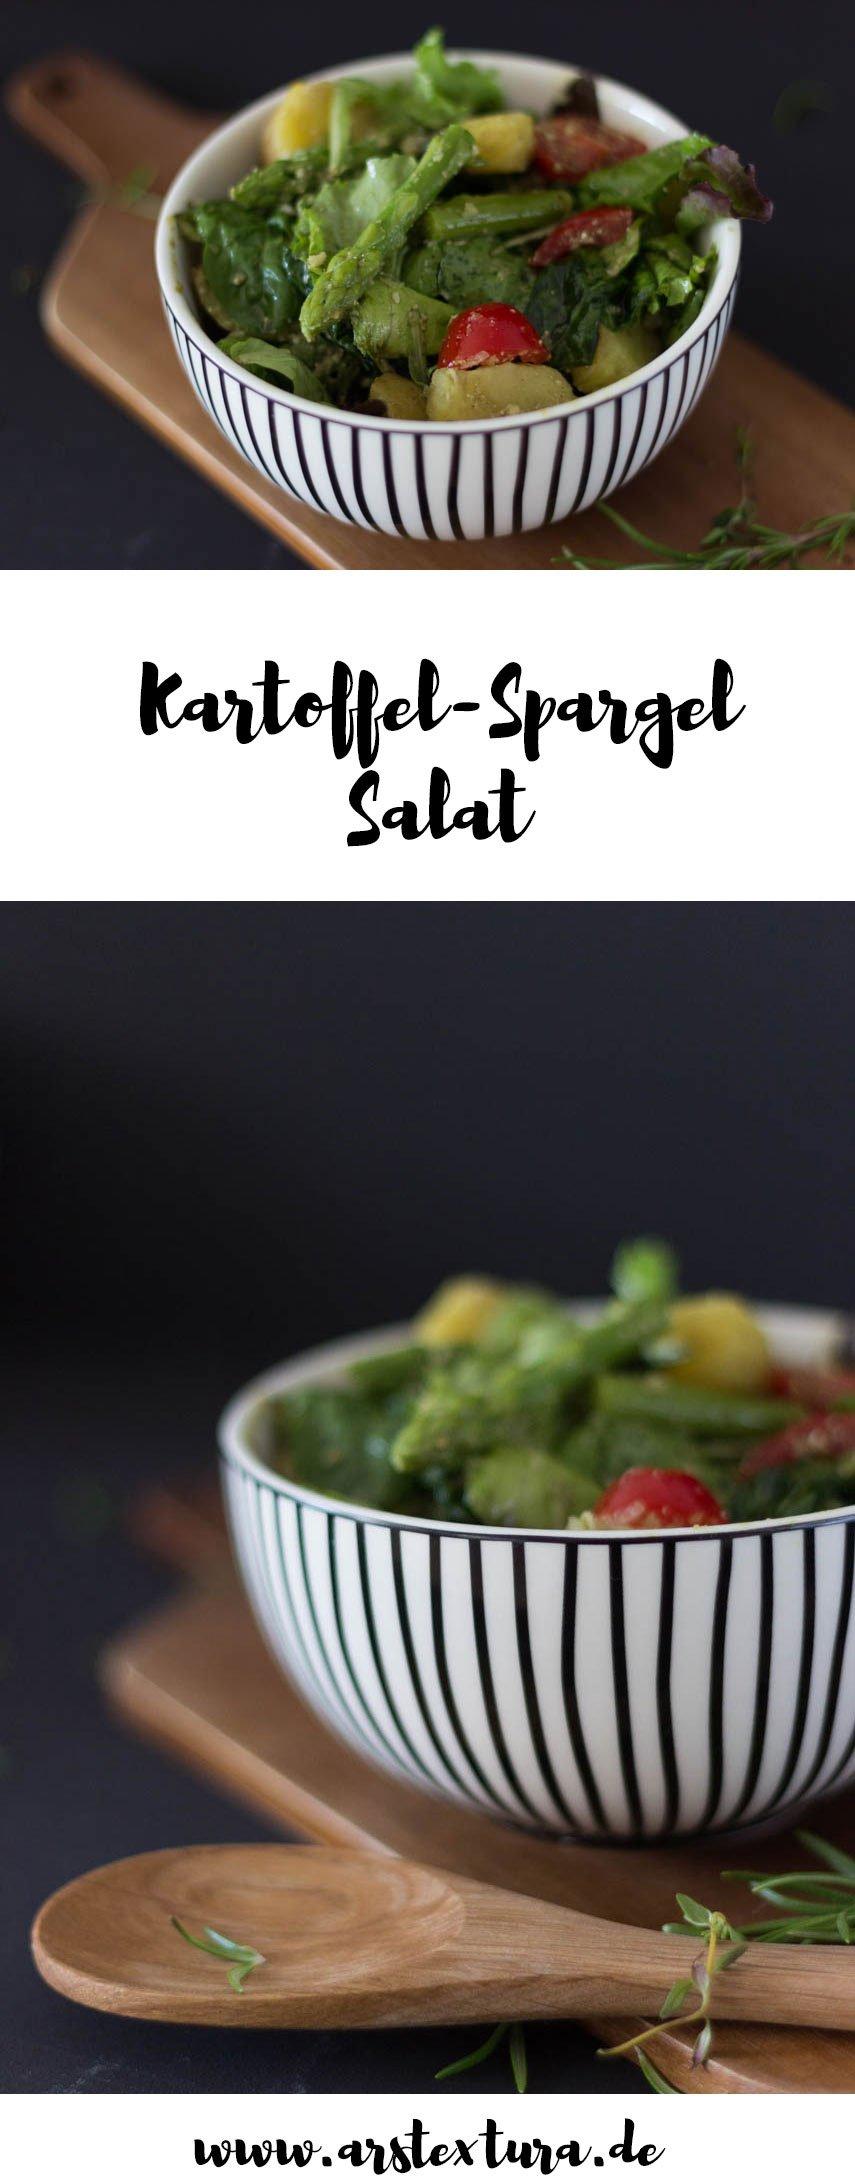 Kartoffel-Spargel-Salat perfekt für die Grillparty